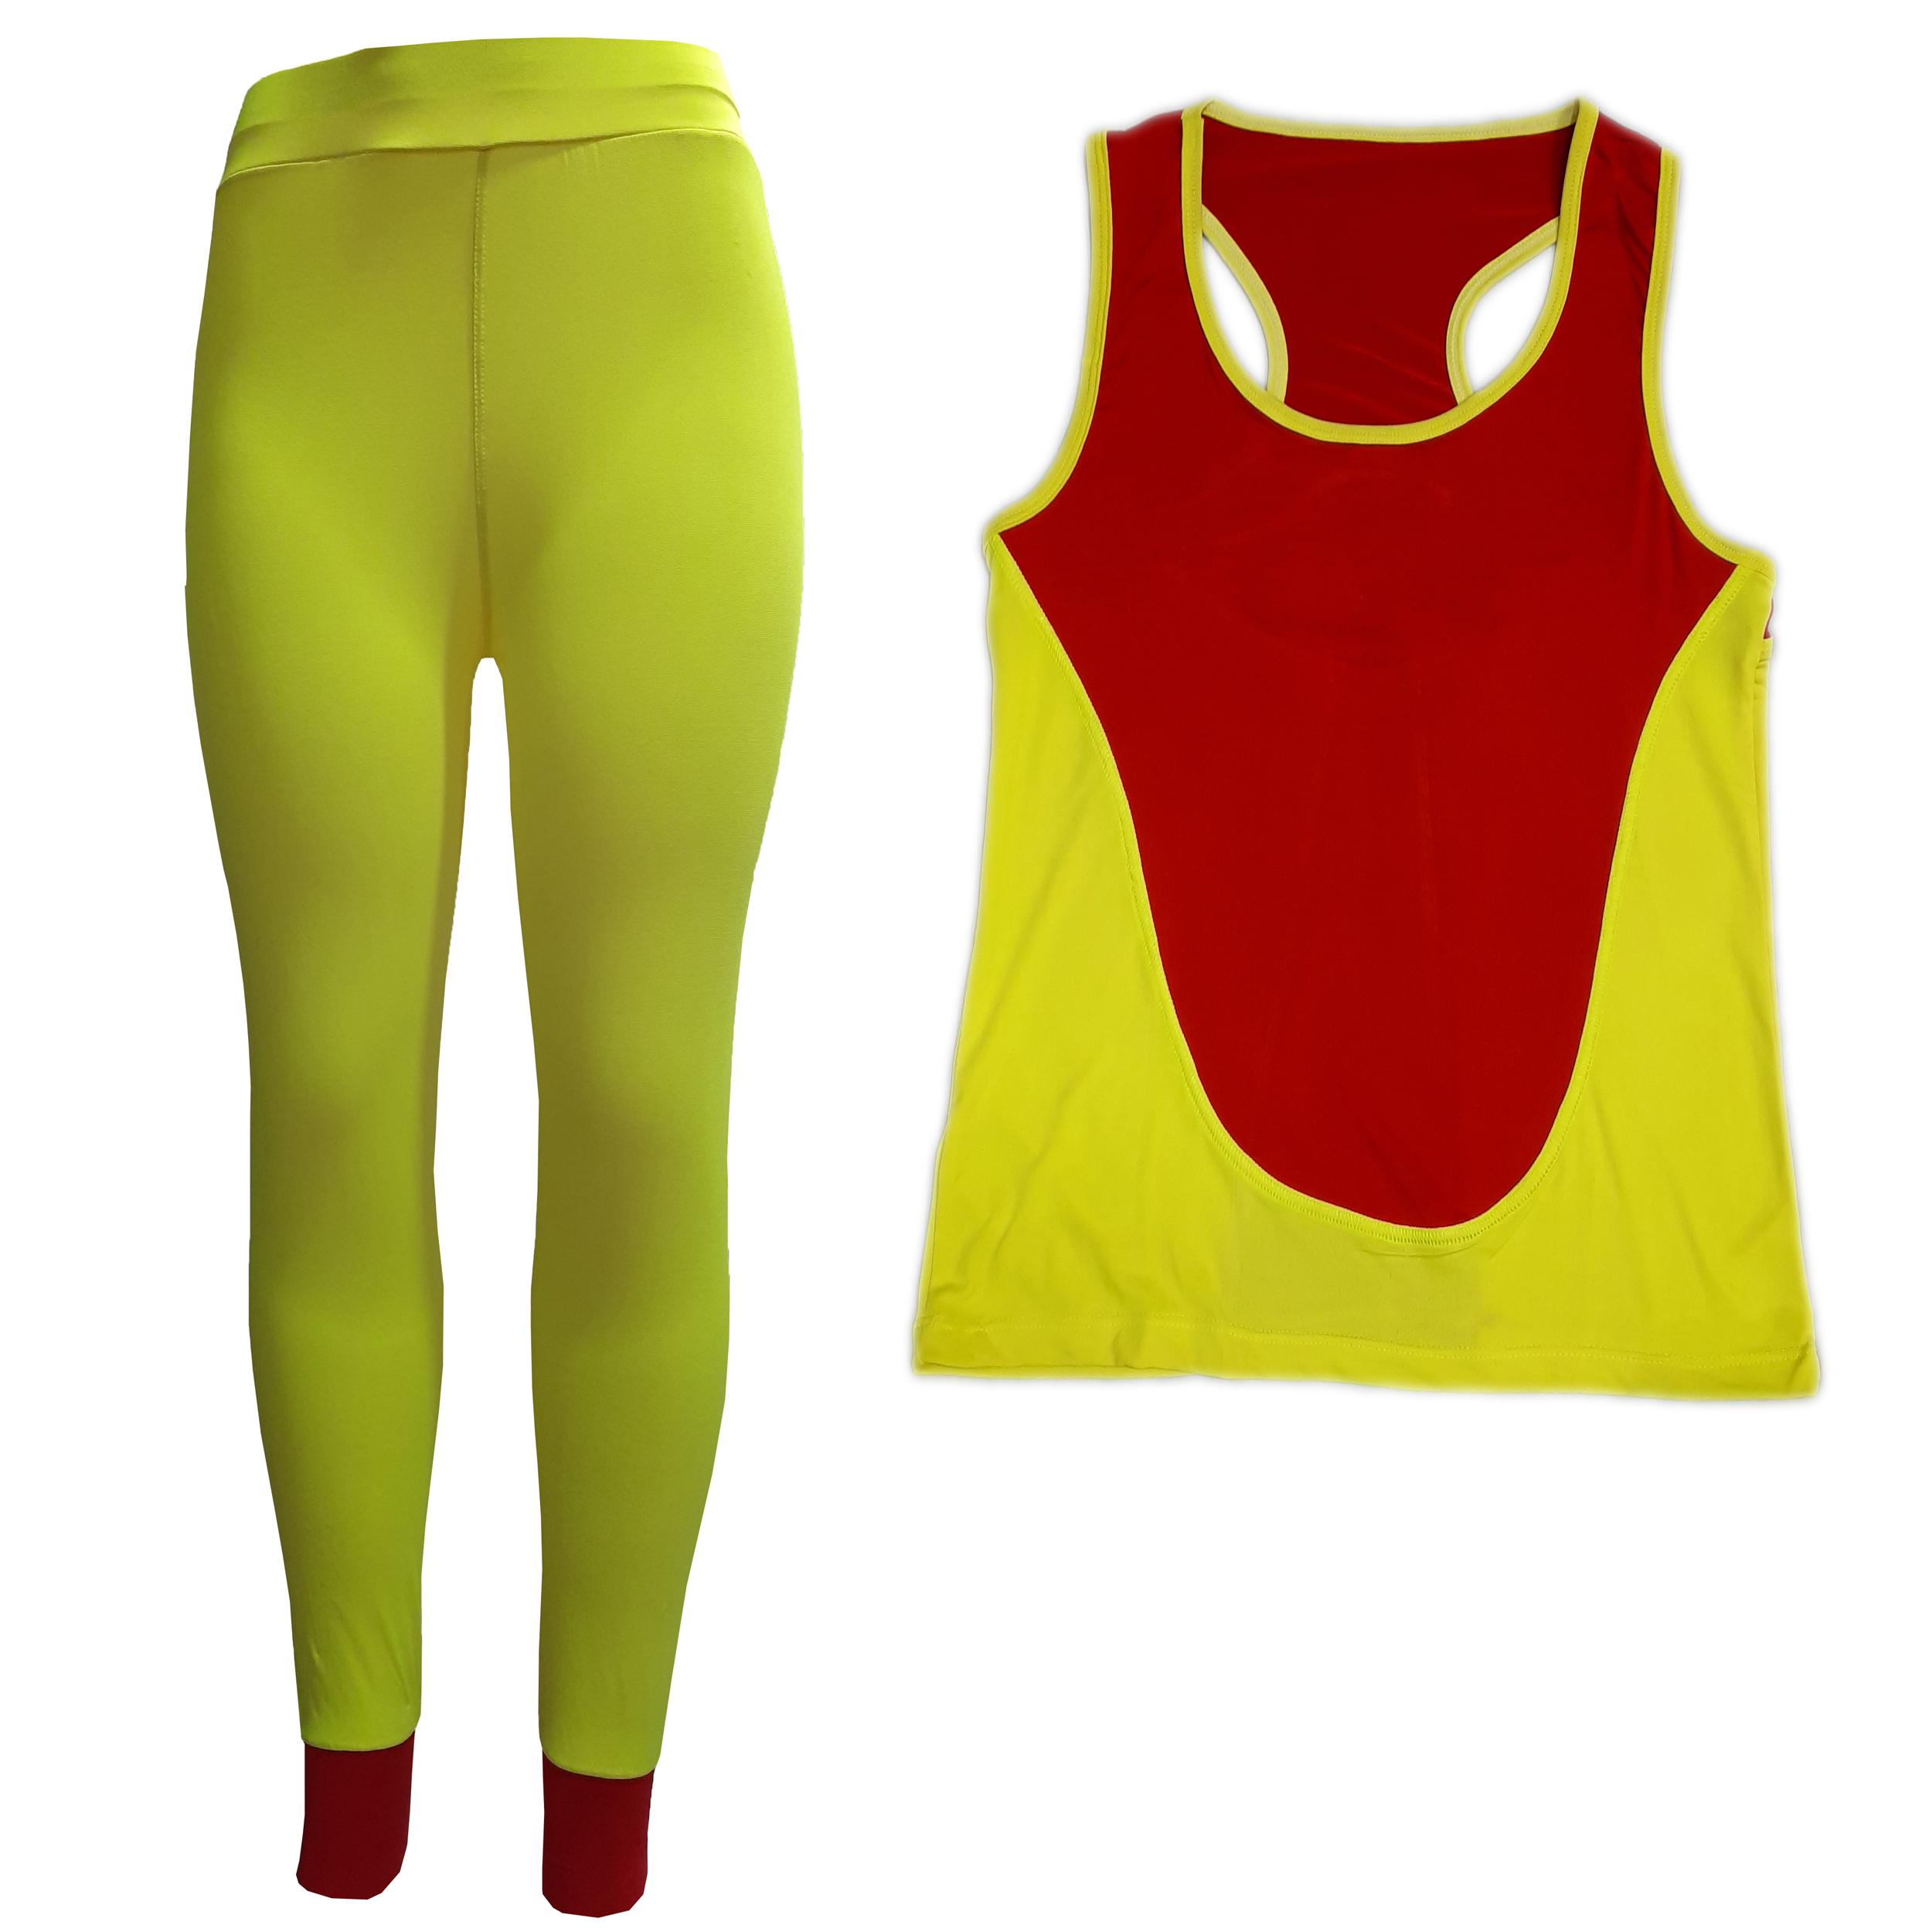 ست تاپ و شلوار ورزشی زنانه کد MOM105